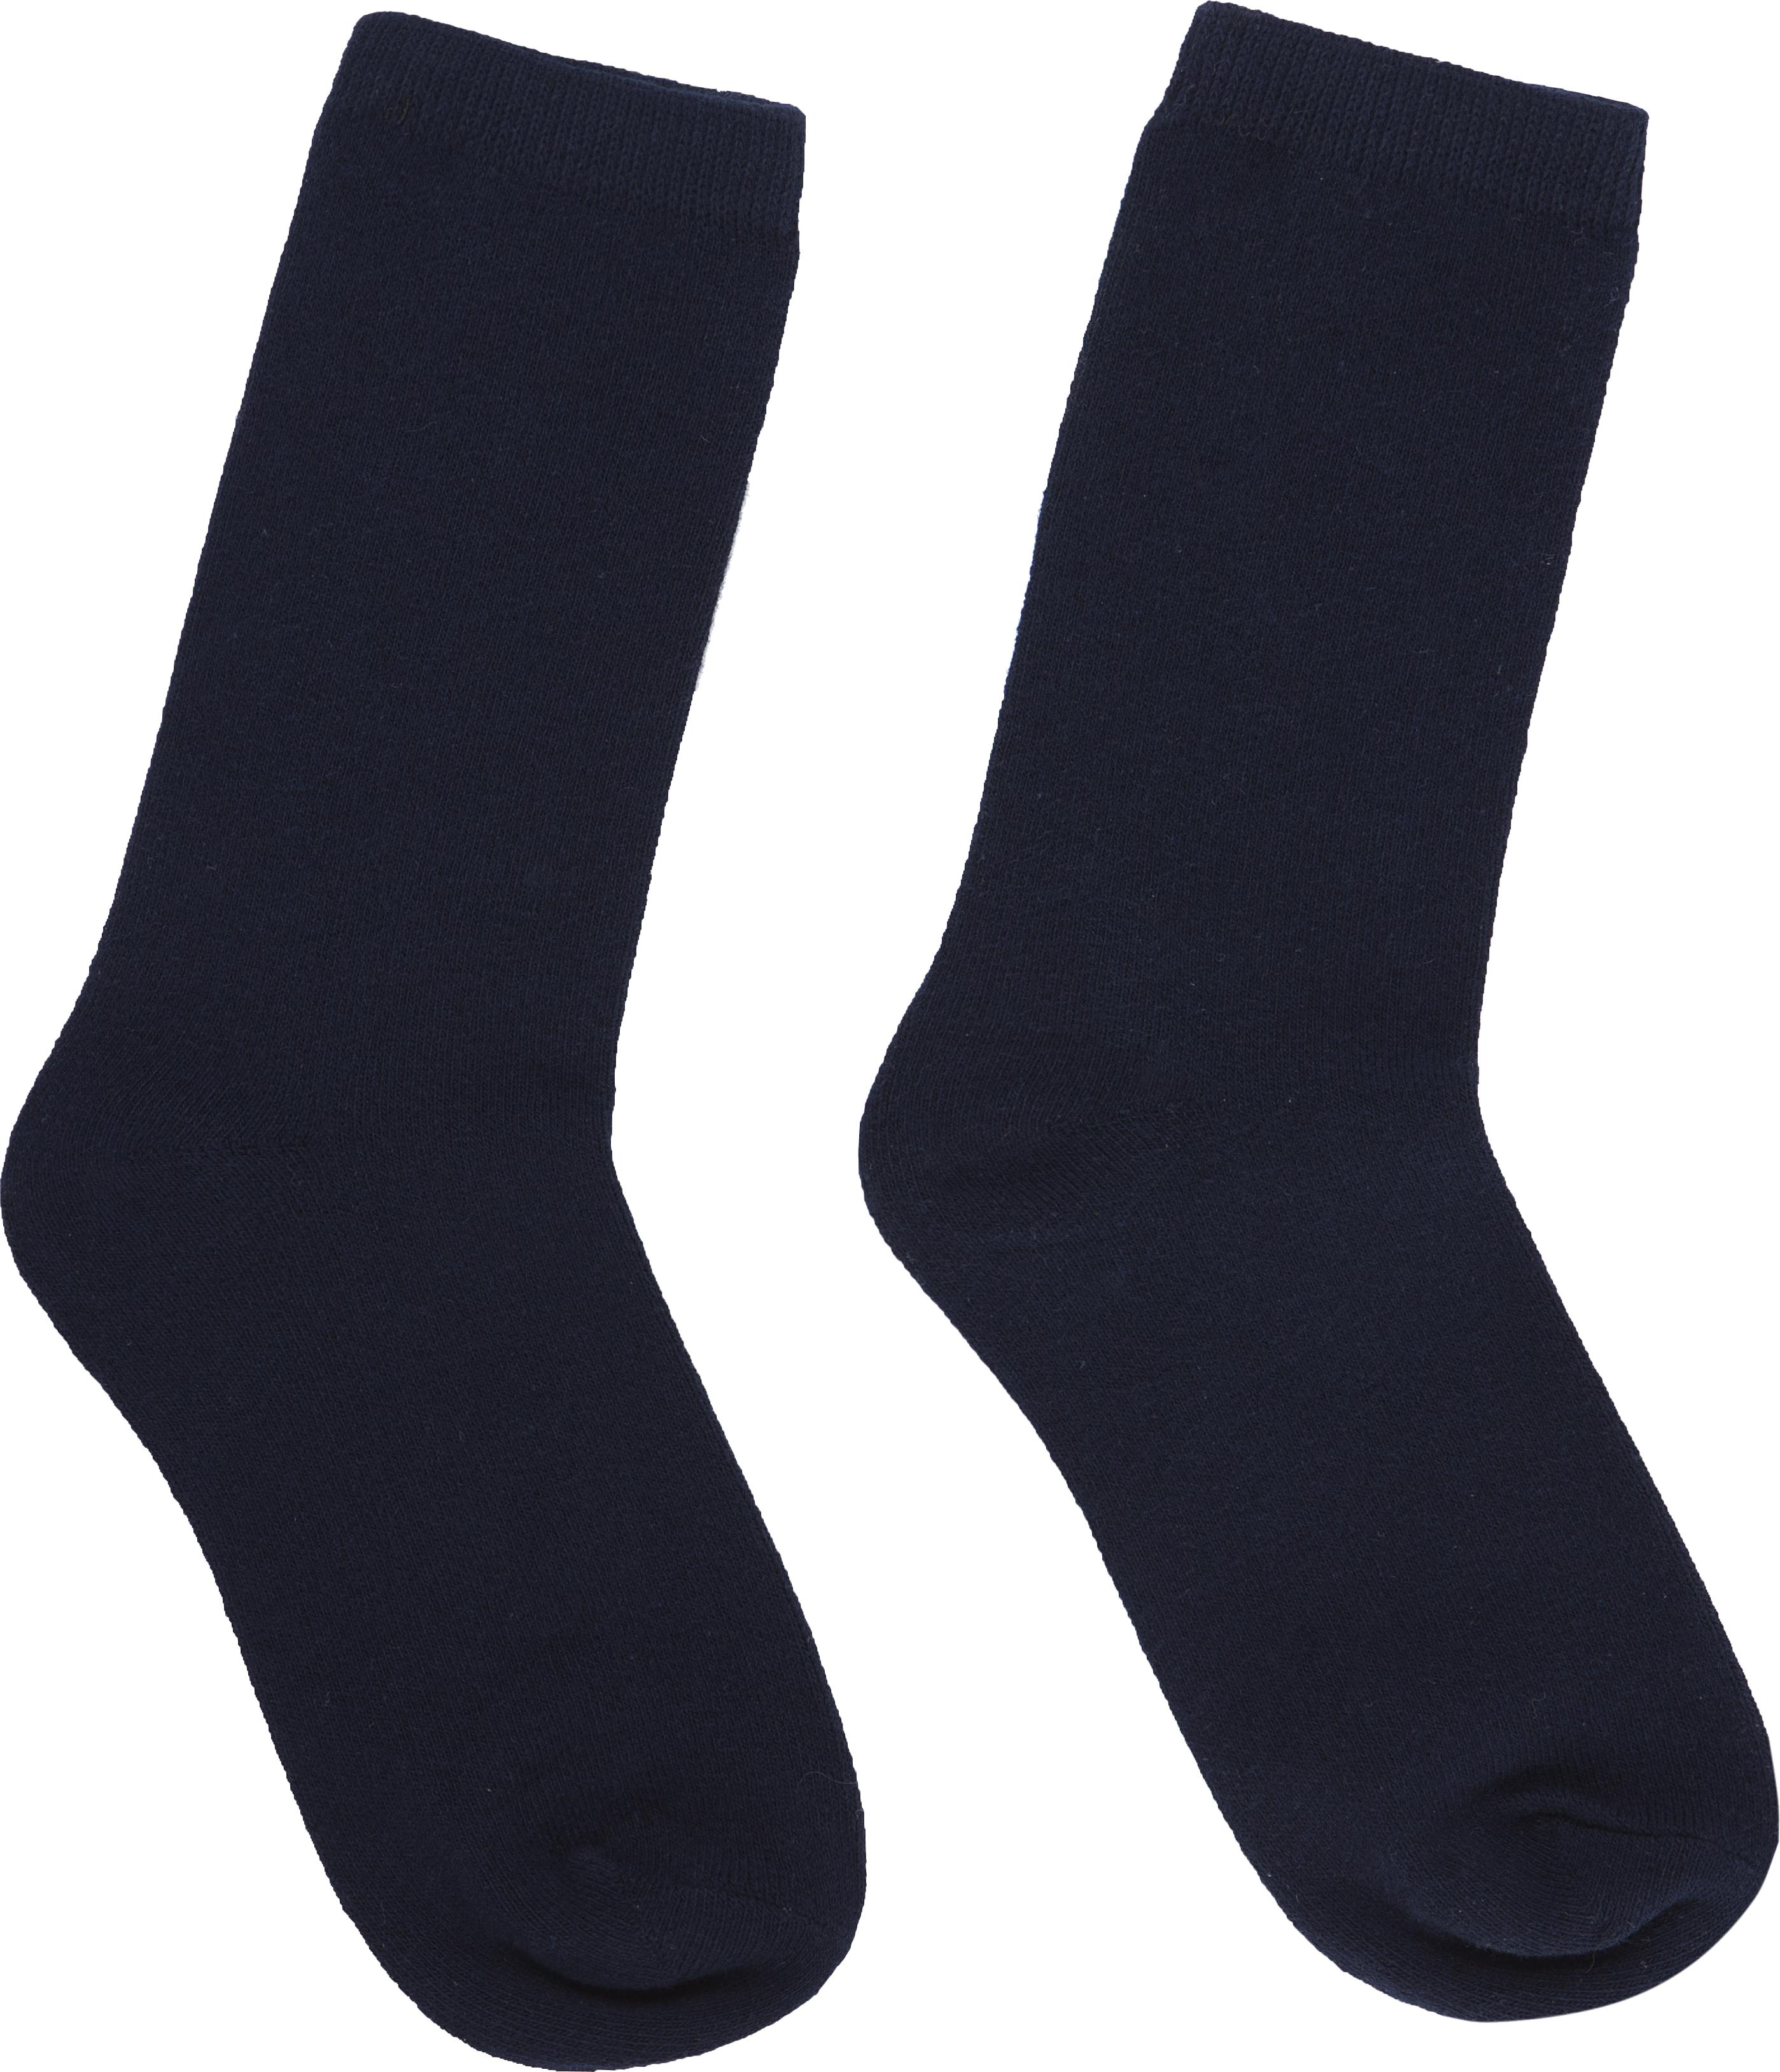 Socks Black PNG Image.